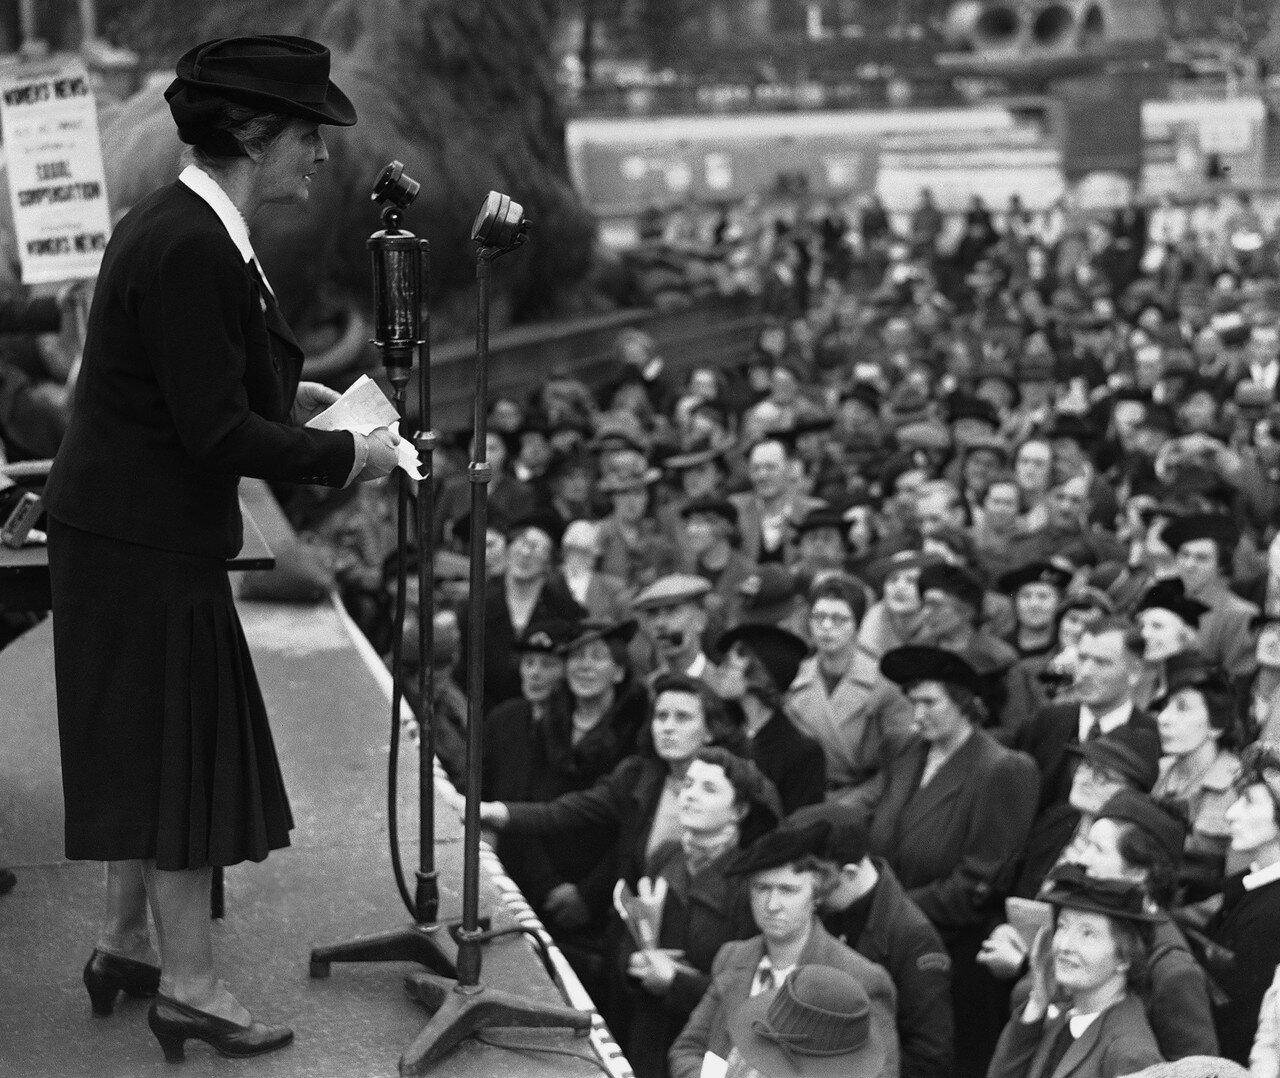 1941. 20 сентября. Леди Нэнси Астор, первая женщина, ставшая депутатом Палаты общин,выступает на митинге с , требованием равноценного возмещения для мужчин и женщин, получивших ранения и травмы в ходе военных действий